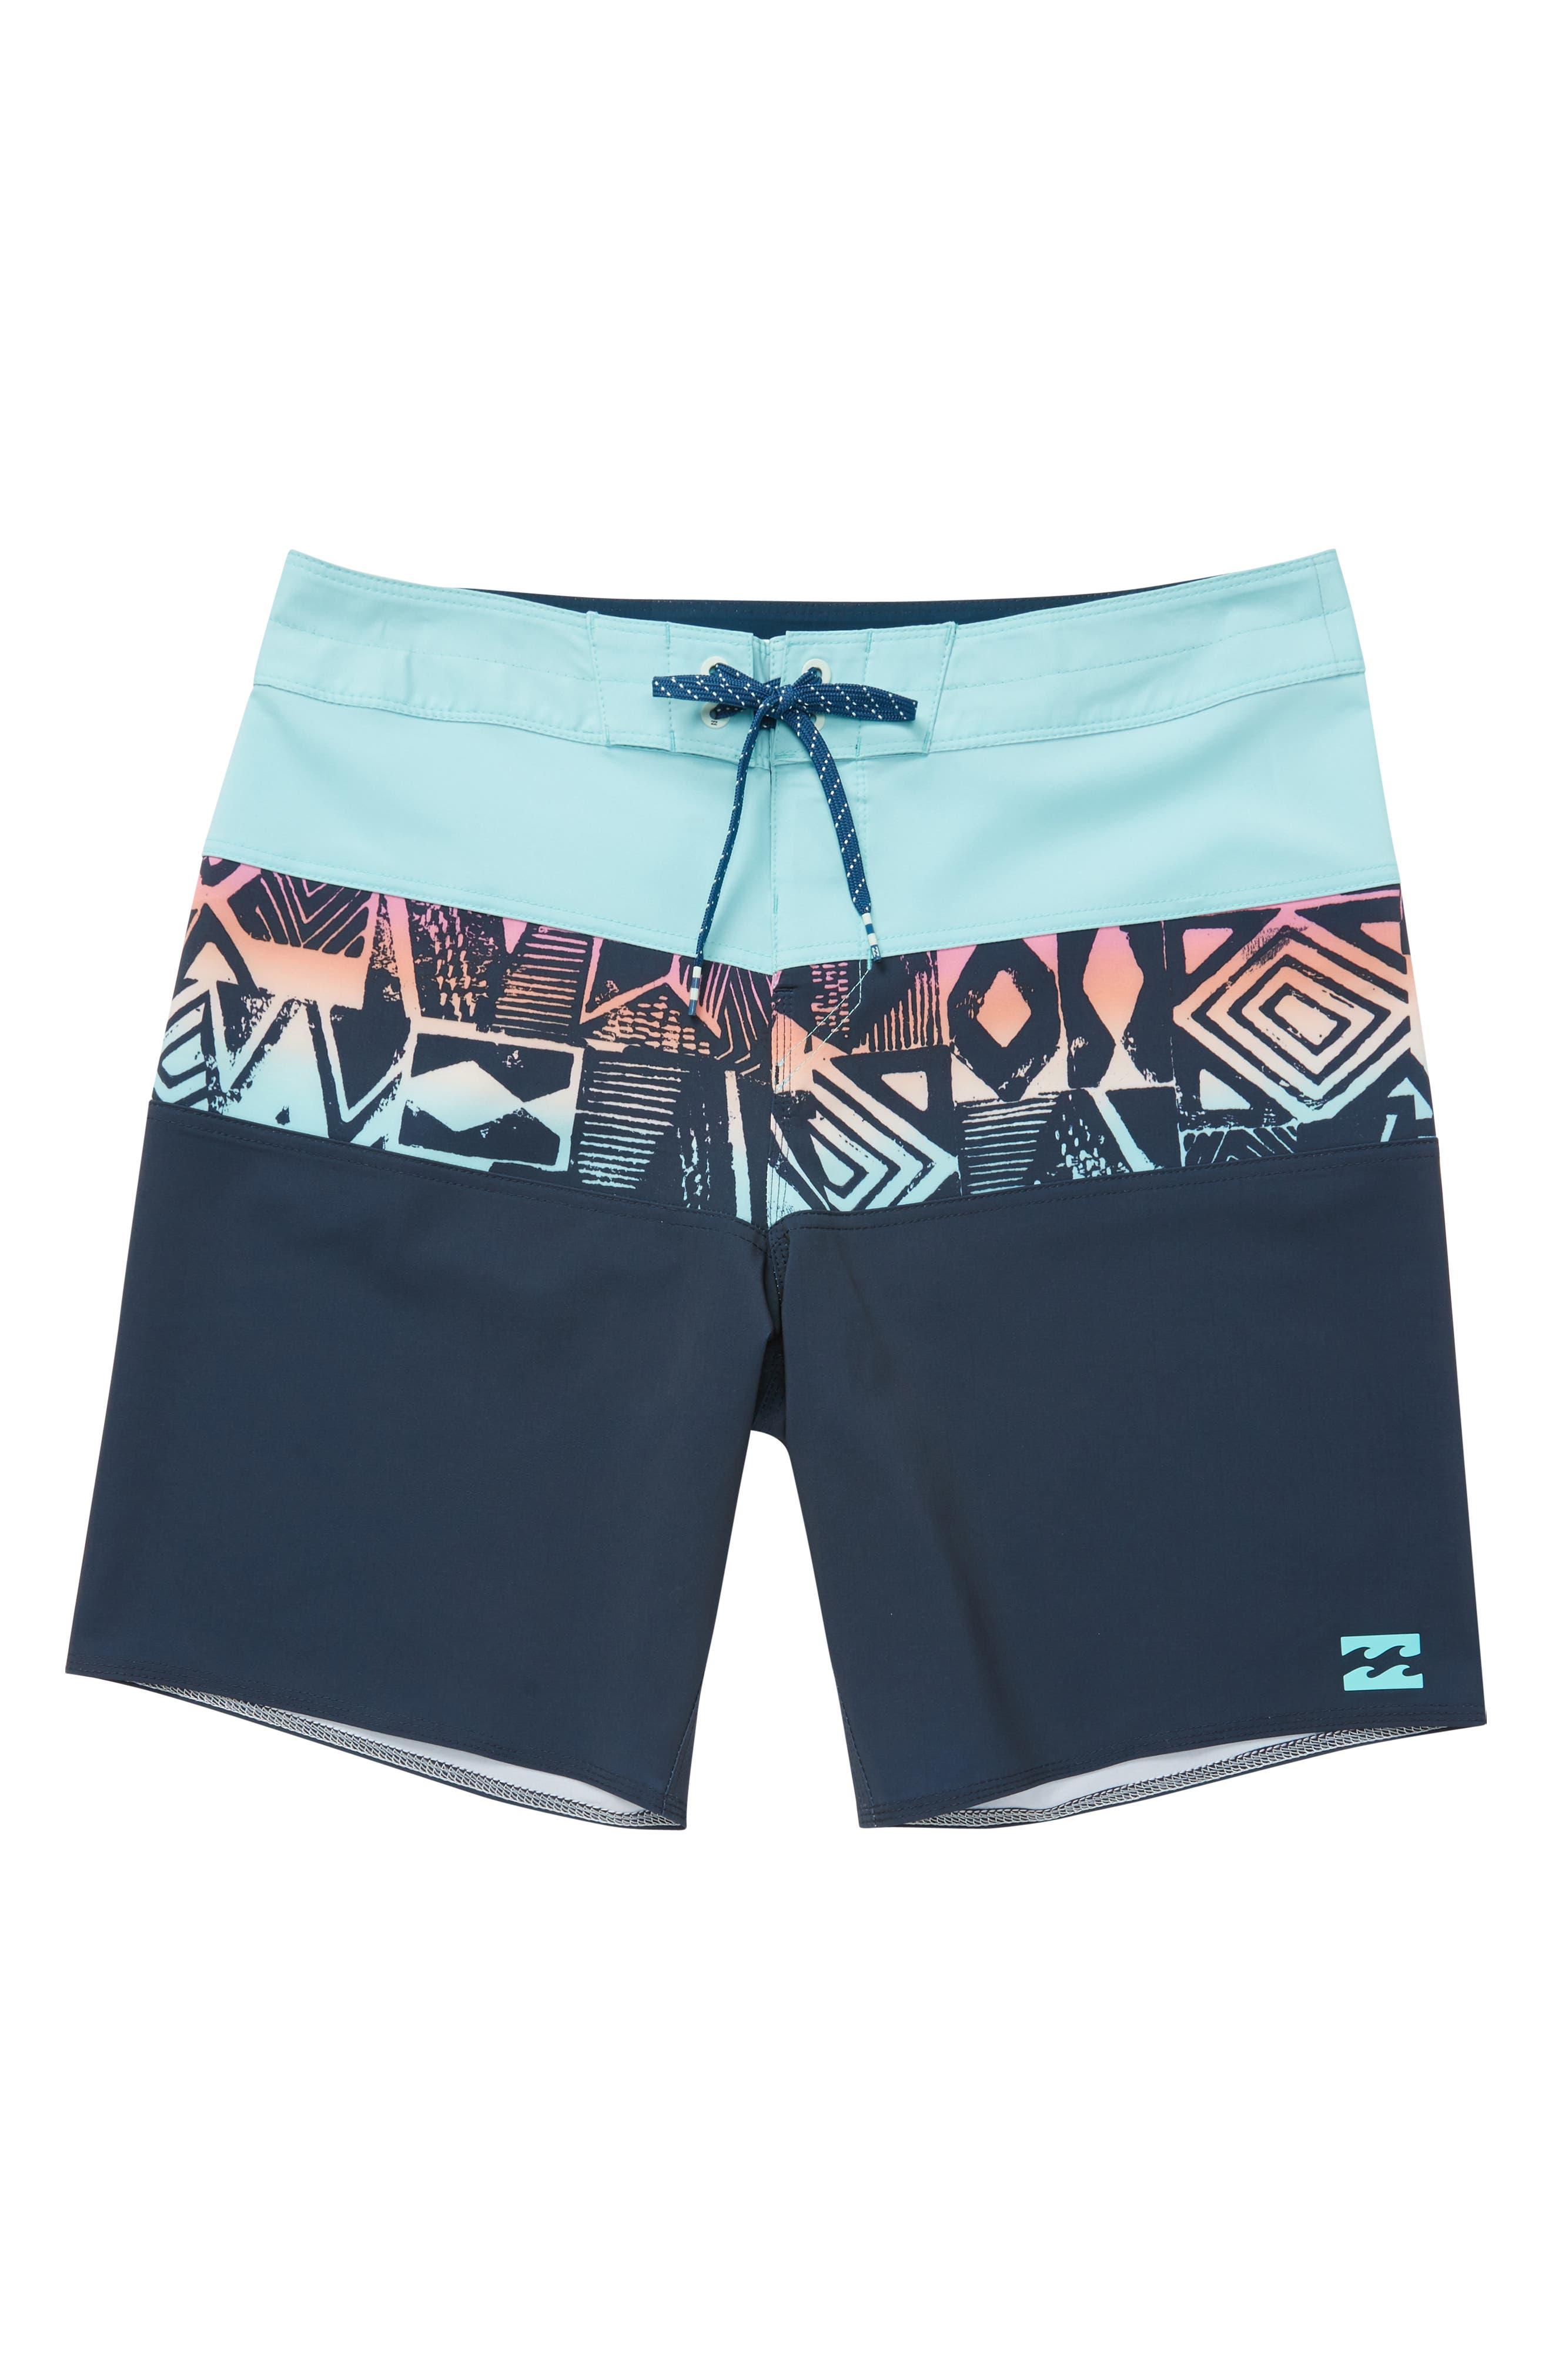 Tribong X Board Shorts,                             Main thumbnail 1, color,                             Indigo